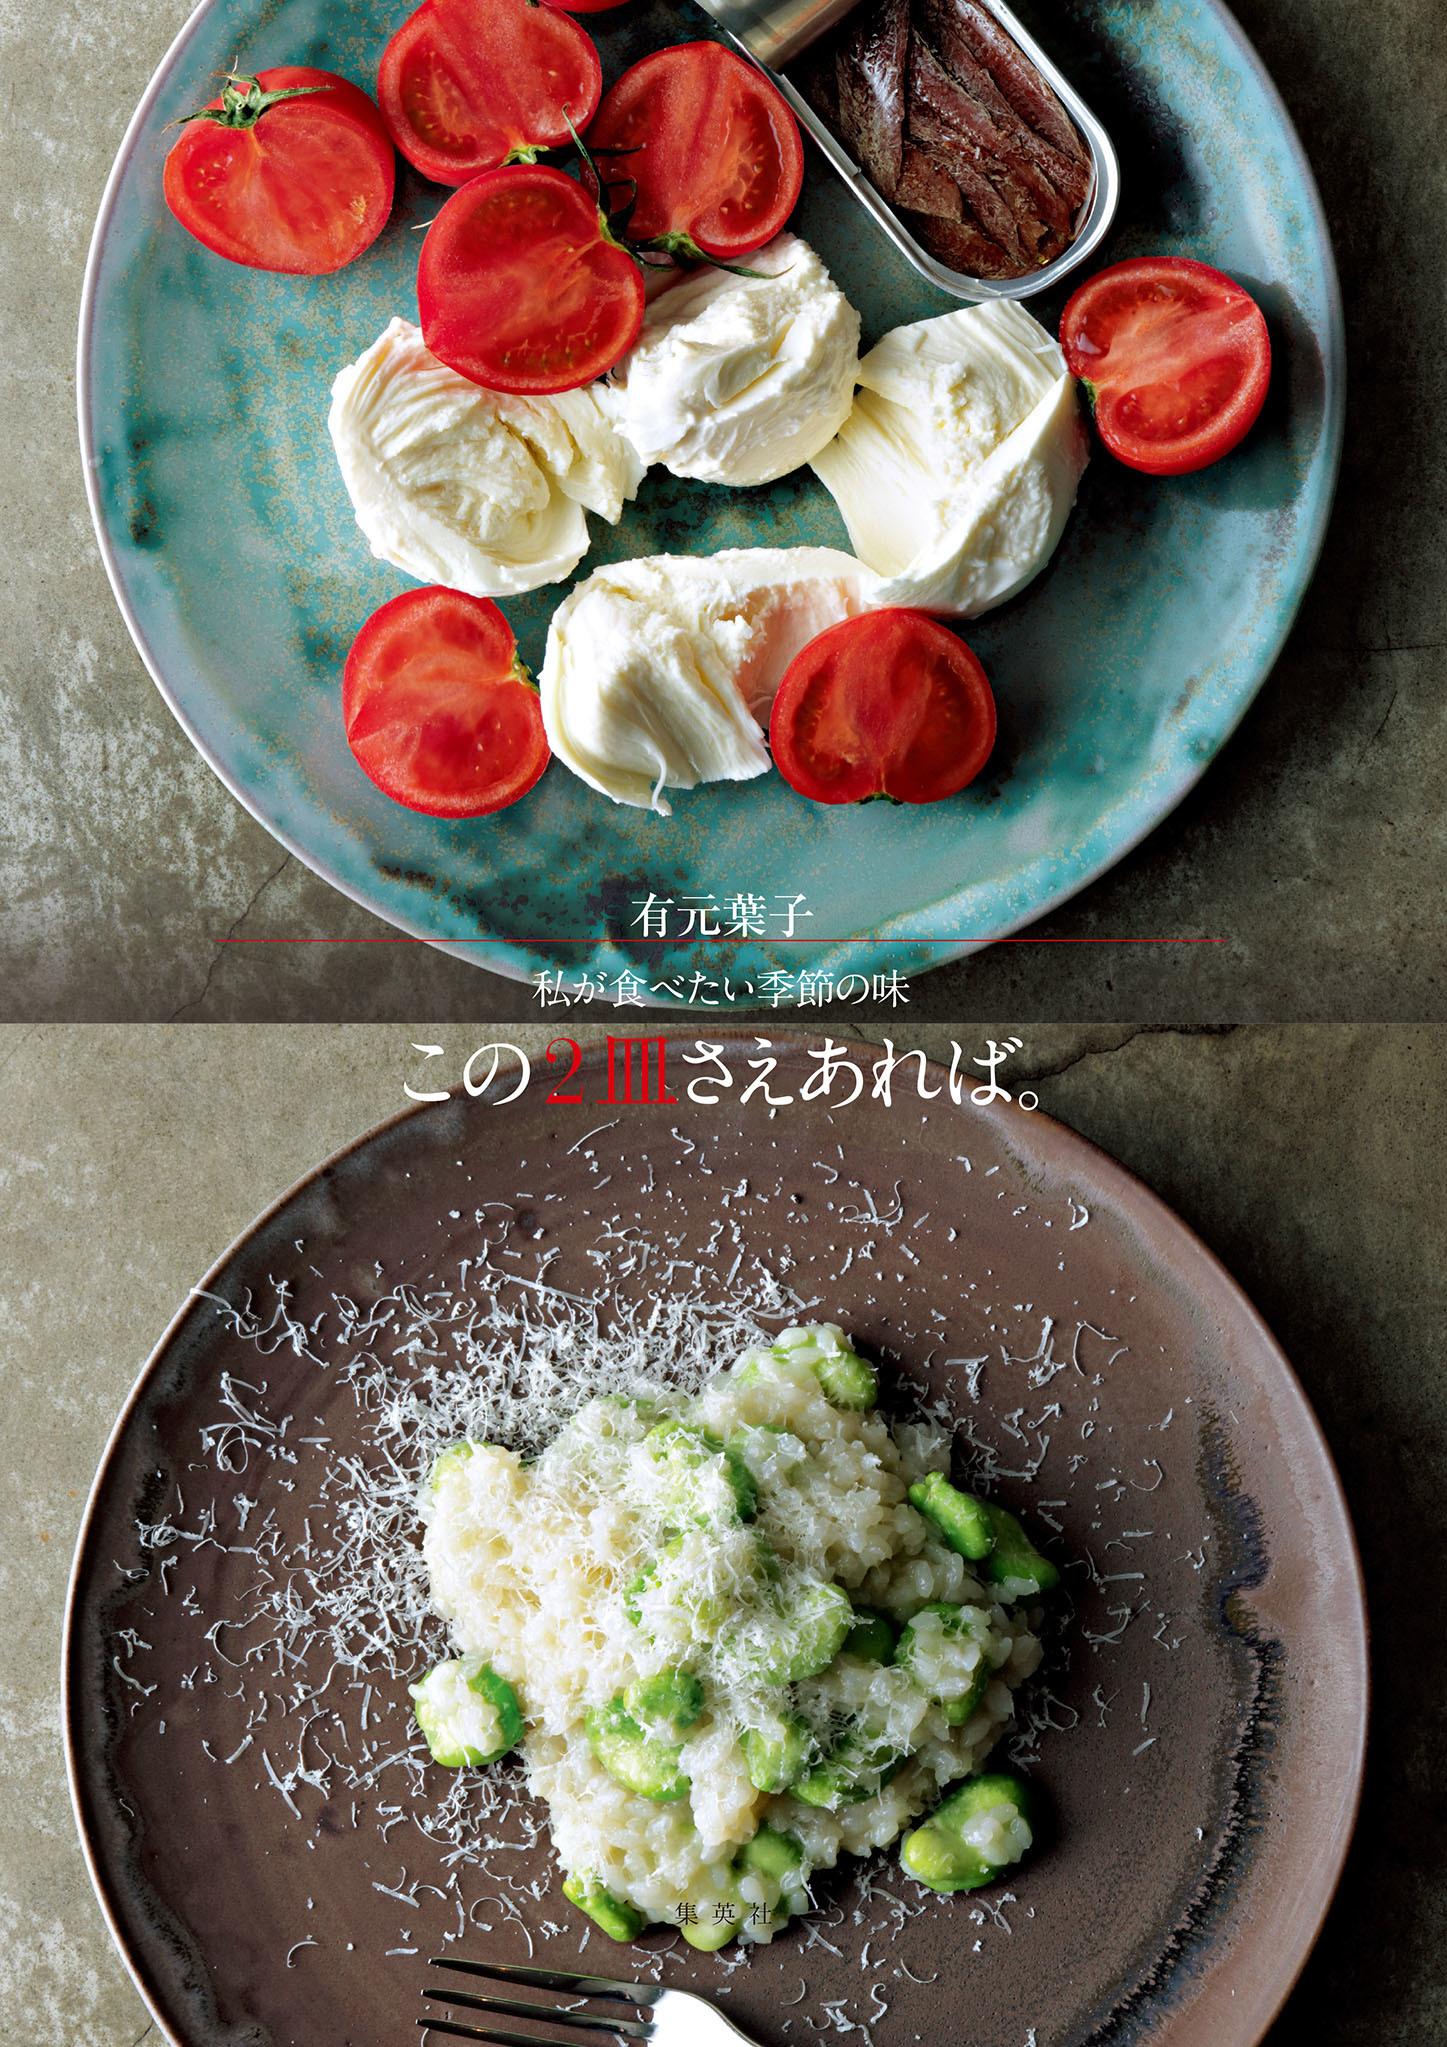 有元葉子「私が食べたい季節の味 この2皿さえあれば。」 春夏編が発売に!_1_1-1